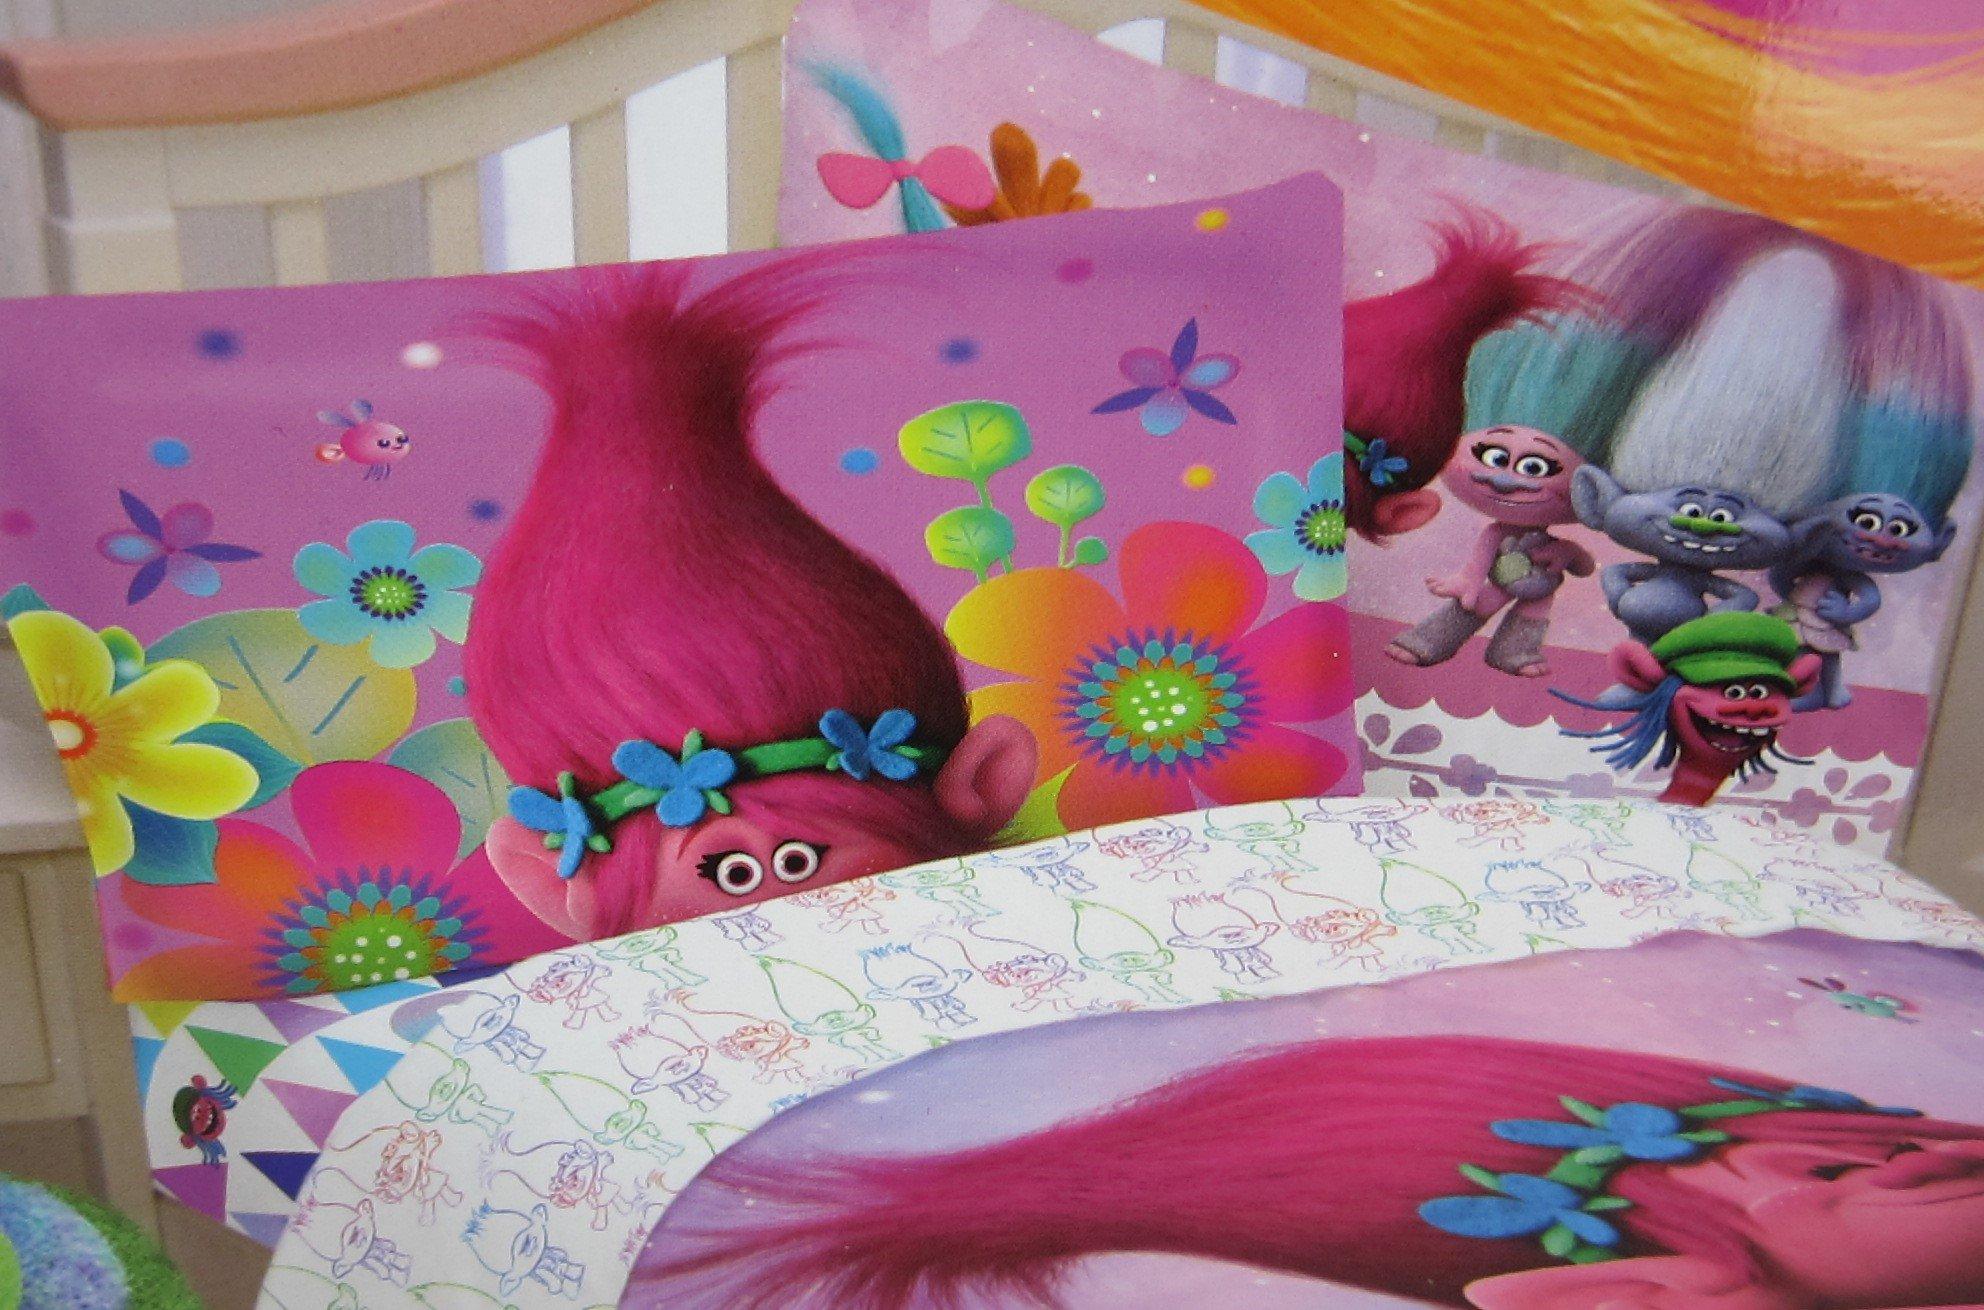 Trolls True Colors 100% Microfiber (FLAT SHEET ONLY) Size TWIN Boys Girls Kids Bedding